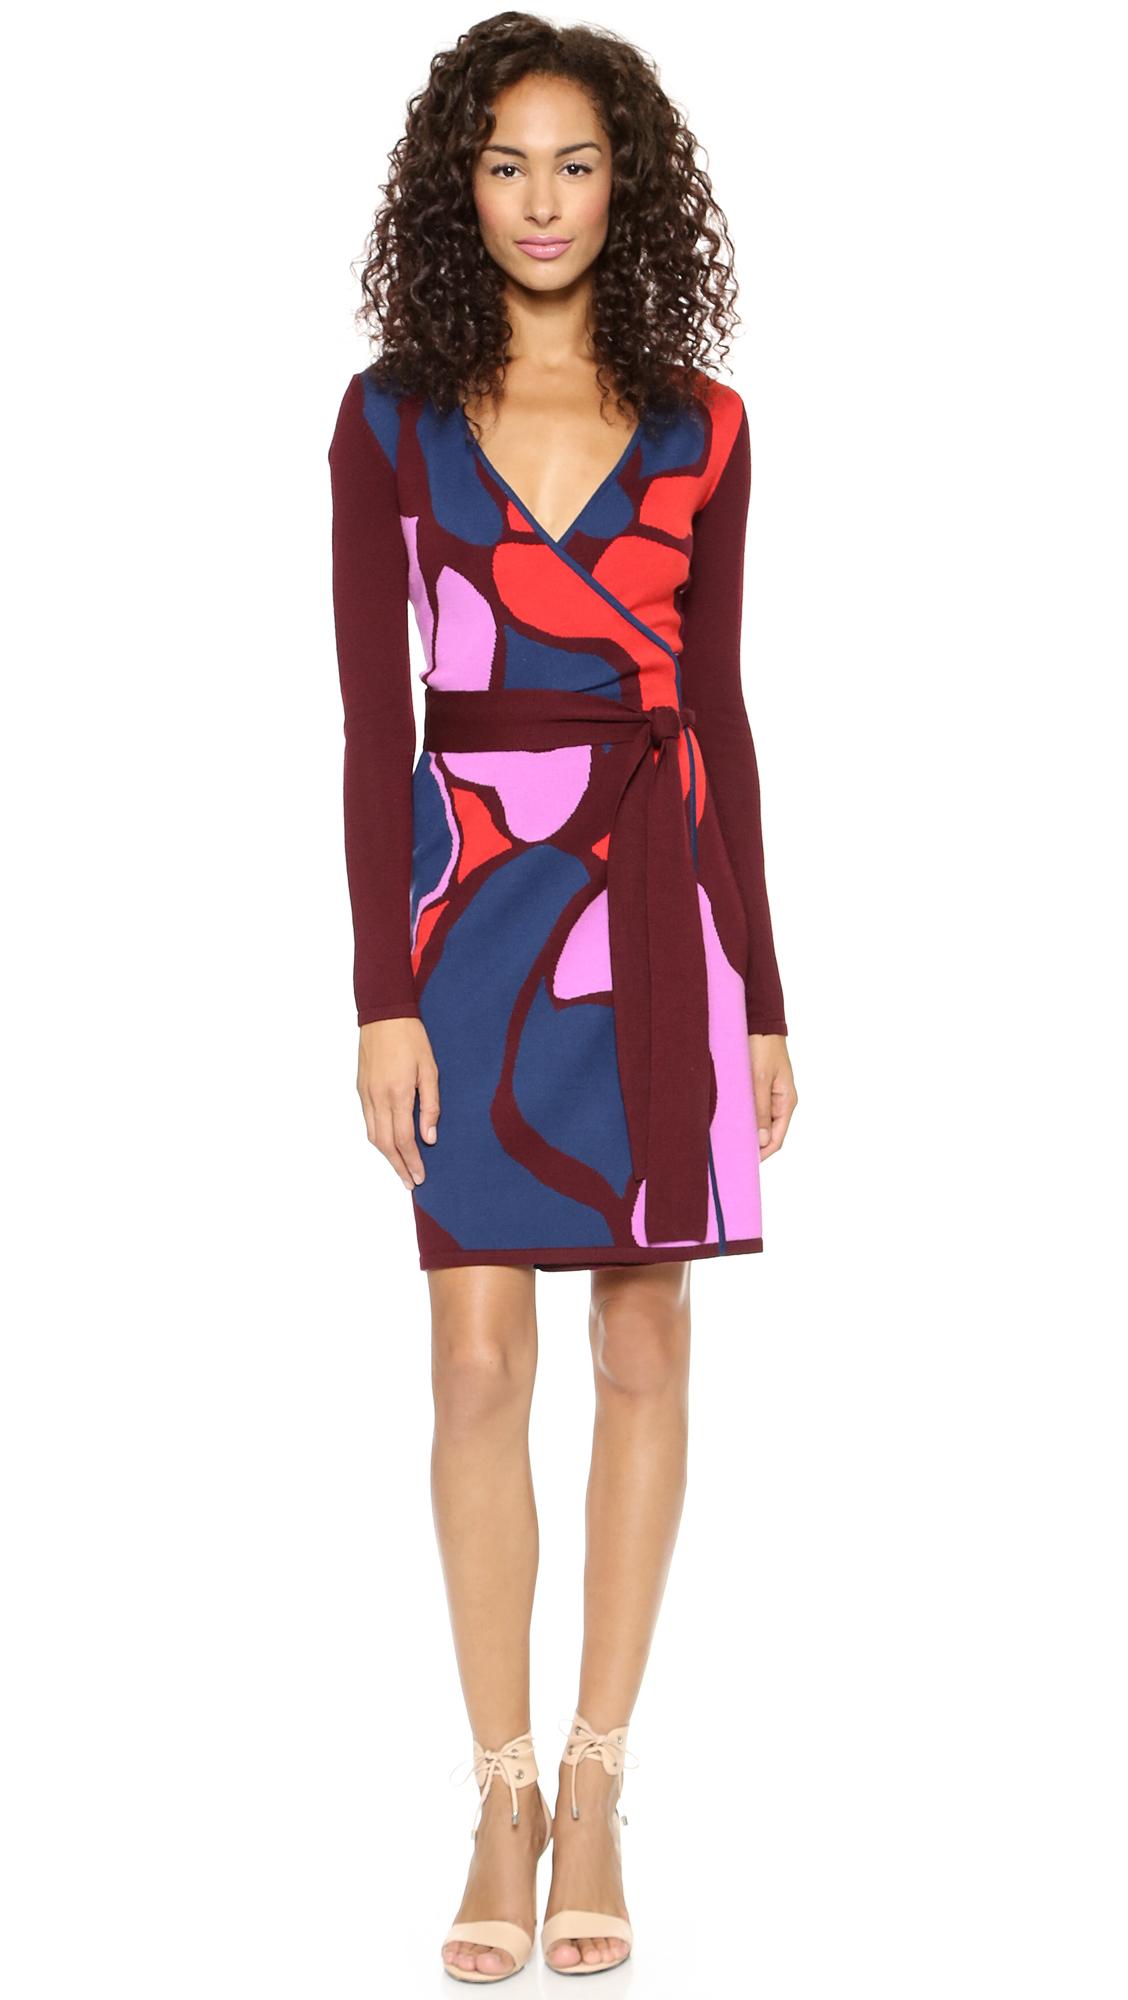 Diane von Furstenberg Linda Wrap Dress | Fancy Friday - Diane von Furstenberg Wrap Dresses